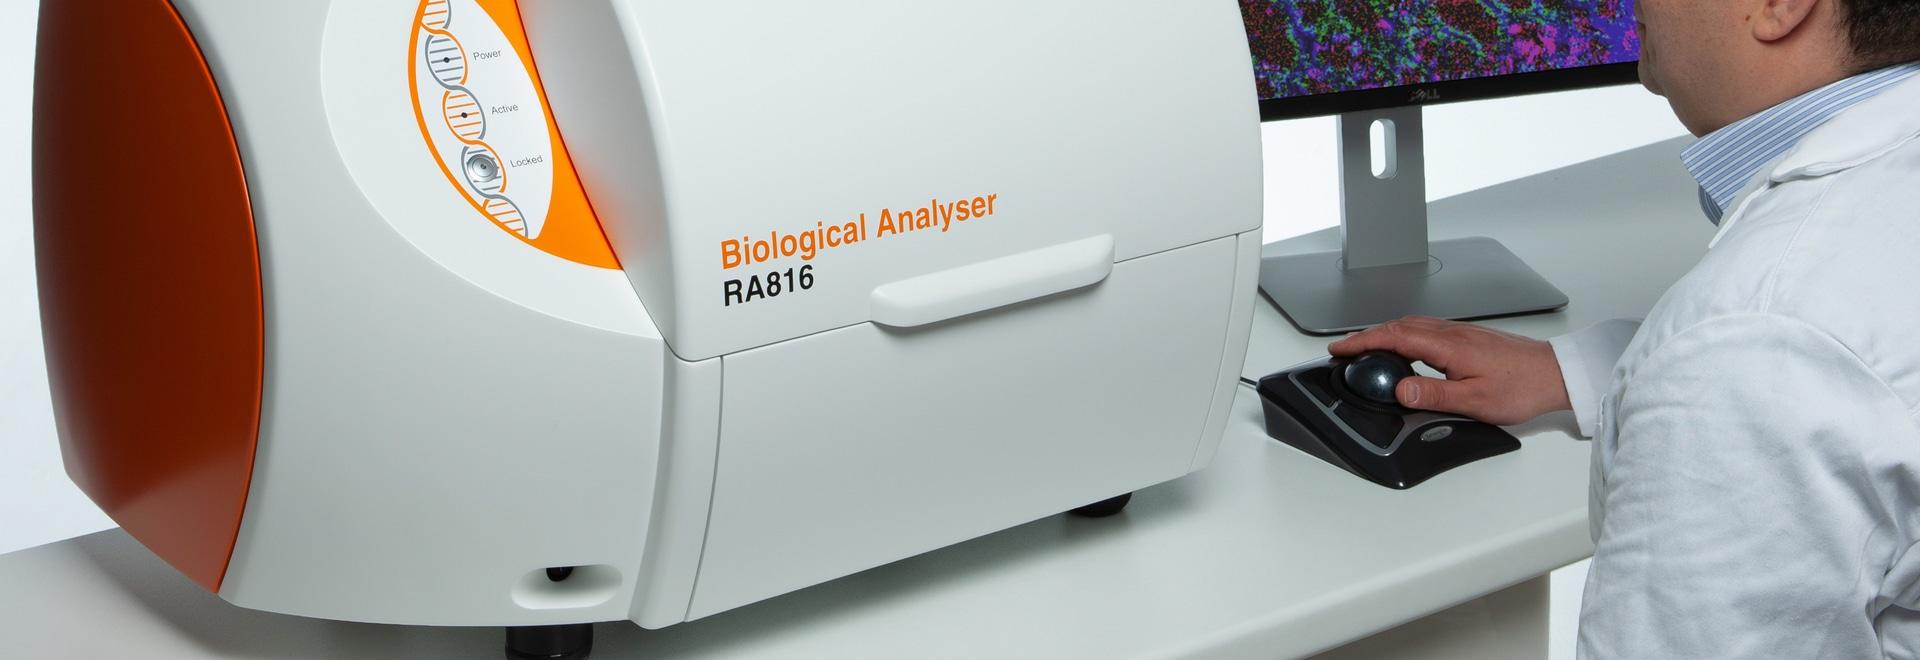 Analysator sammelt ausführliche biologische Informationen